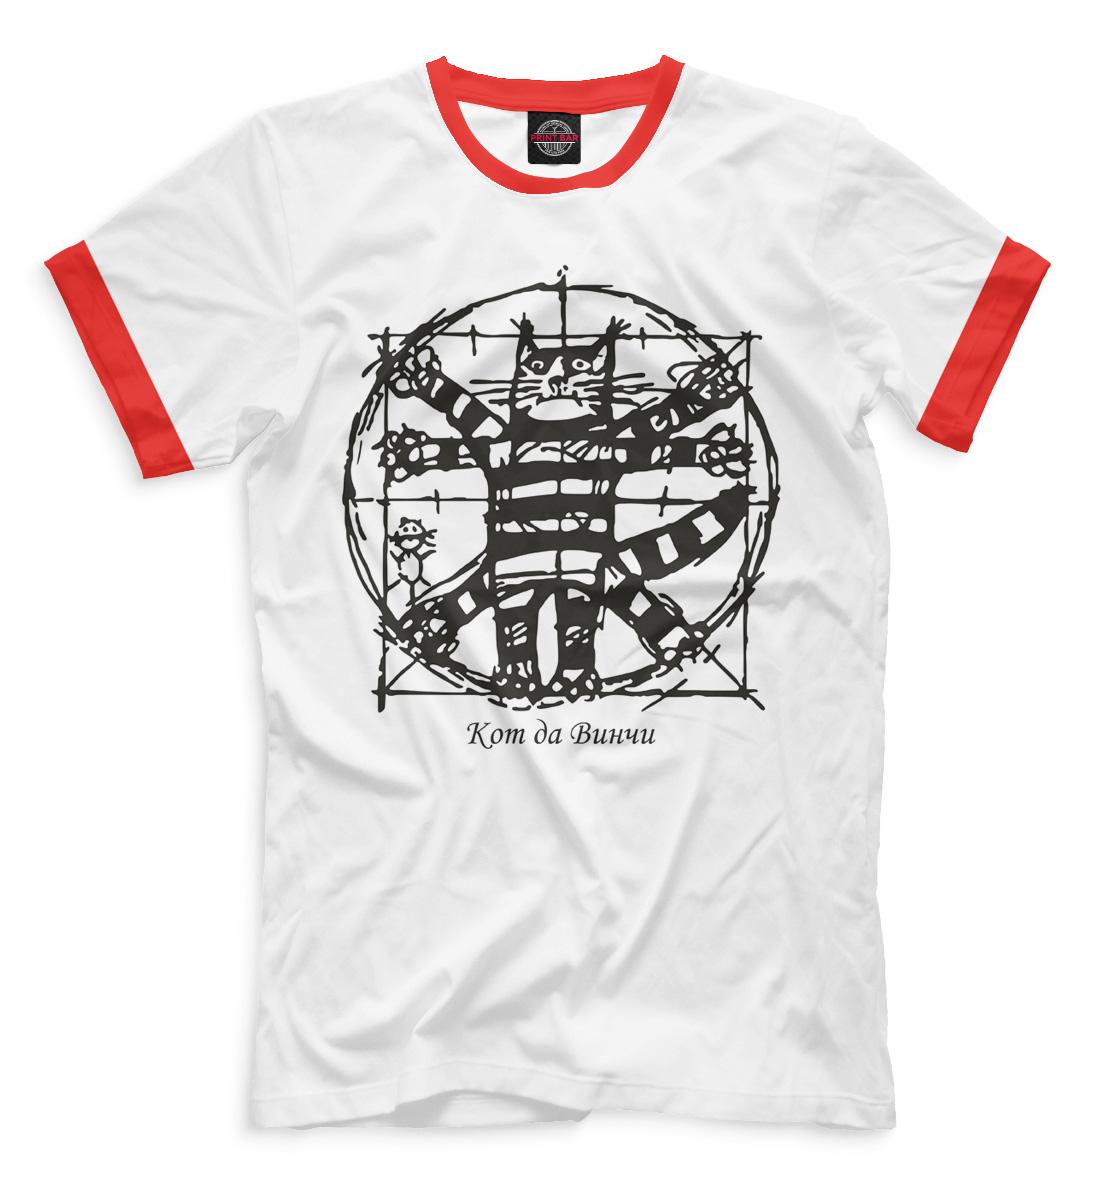 Прикольные футболки для мужчин с картинками под татуировки лагерные, именами для